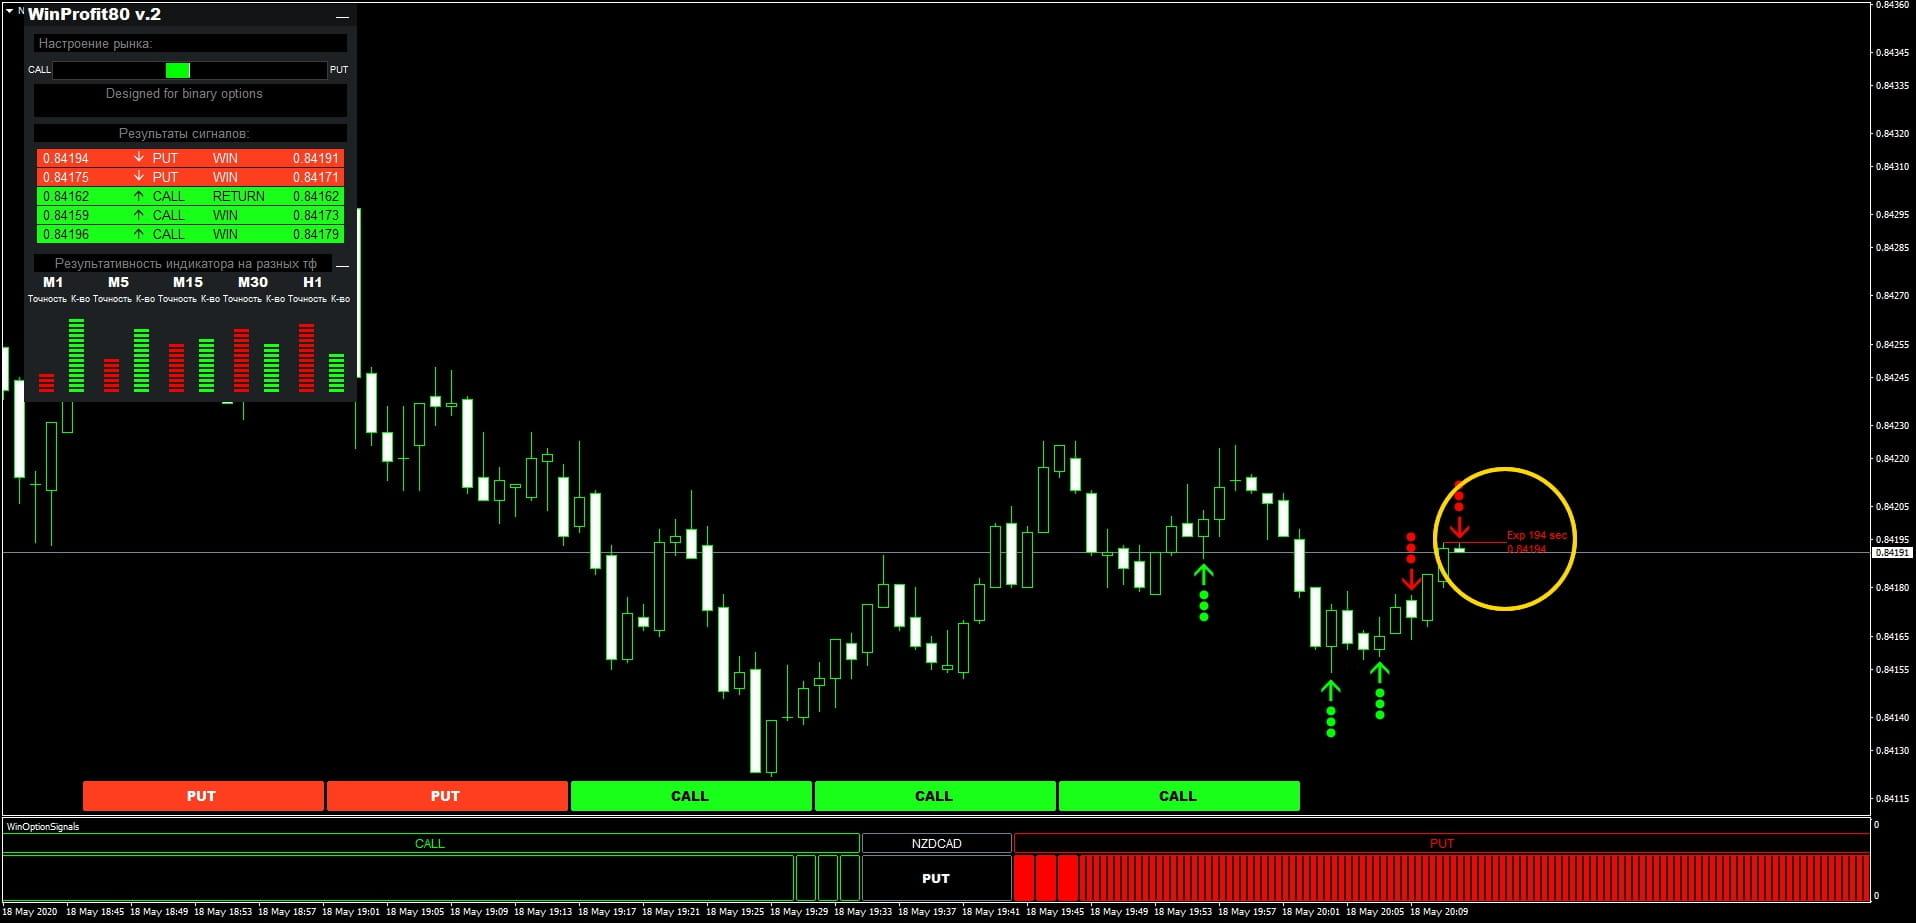 Индикатор win-80 покупка опциона put